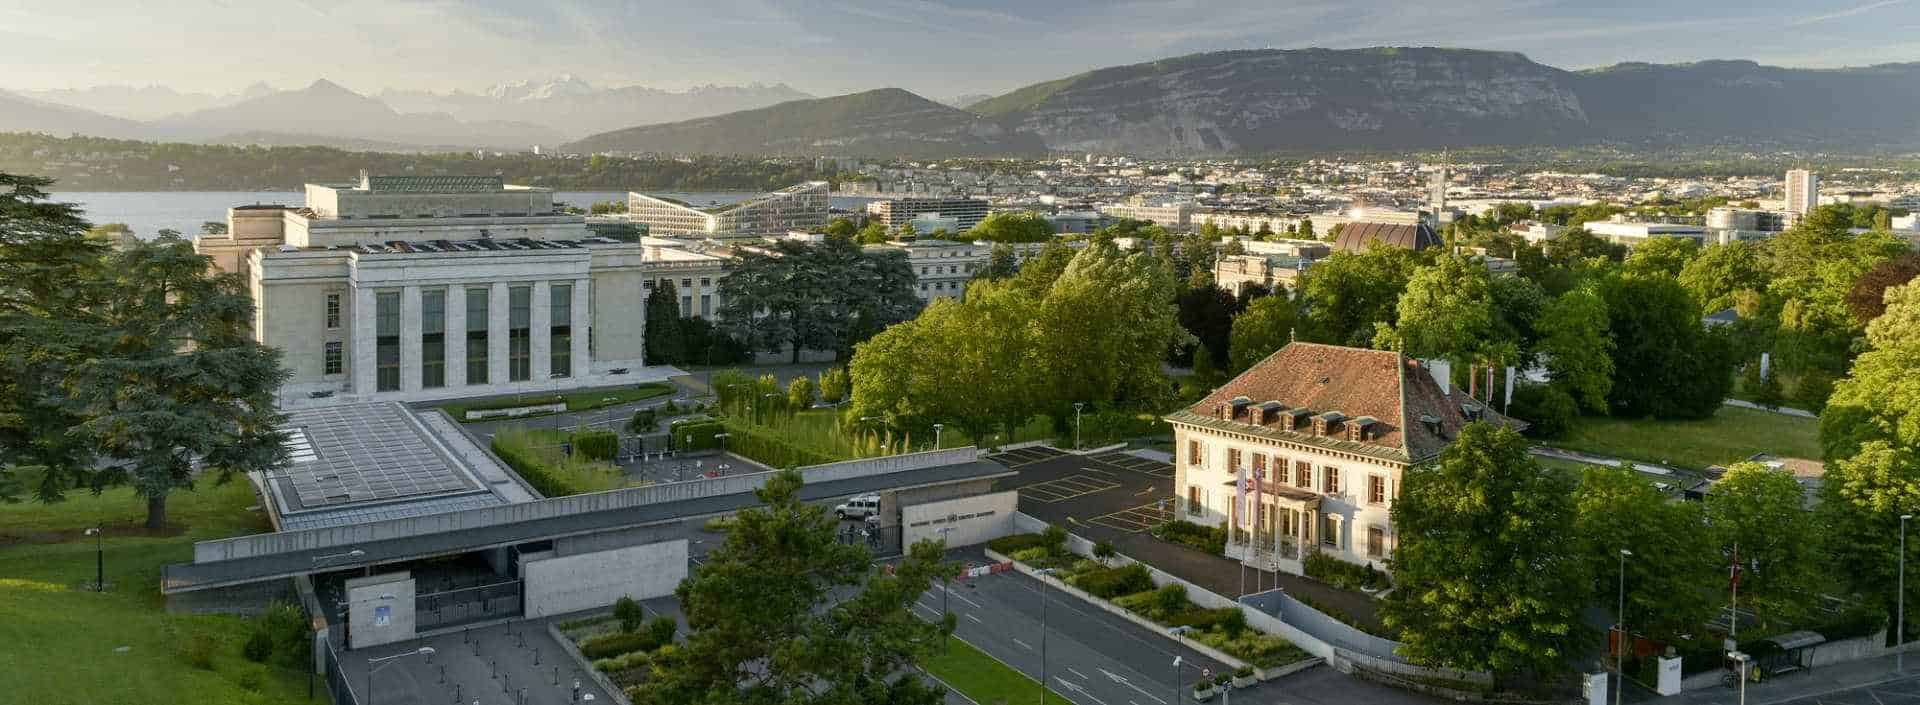 Les Relations Publiques de l'Ecole Hôtelière de Genève, l'écrin de verdureau bord du lac léman en Suisse